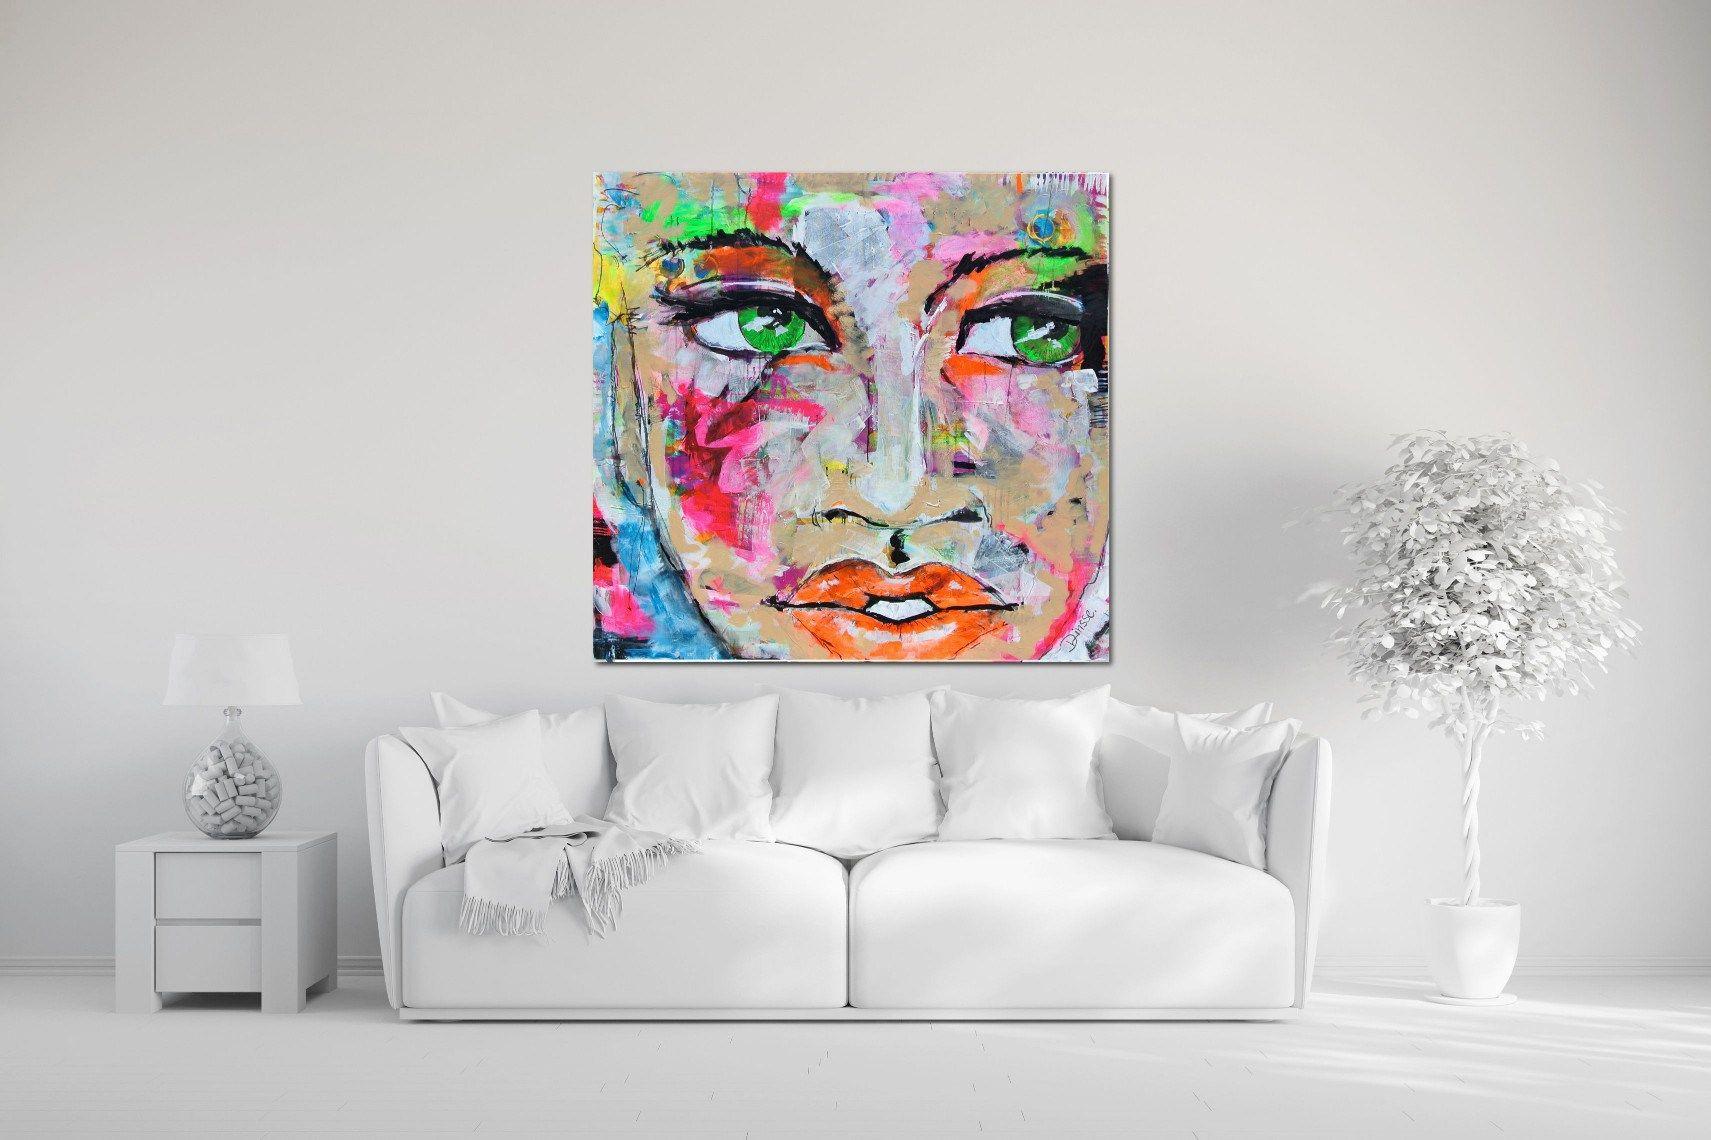 Ausdrucksstarke moderne Wandbilder zeitgenössische Kunst kaufen Originale Kunstdrucke und Produkte mit Motiven der Künstlerin Diana Linsse